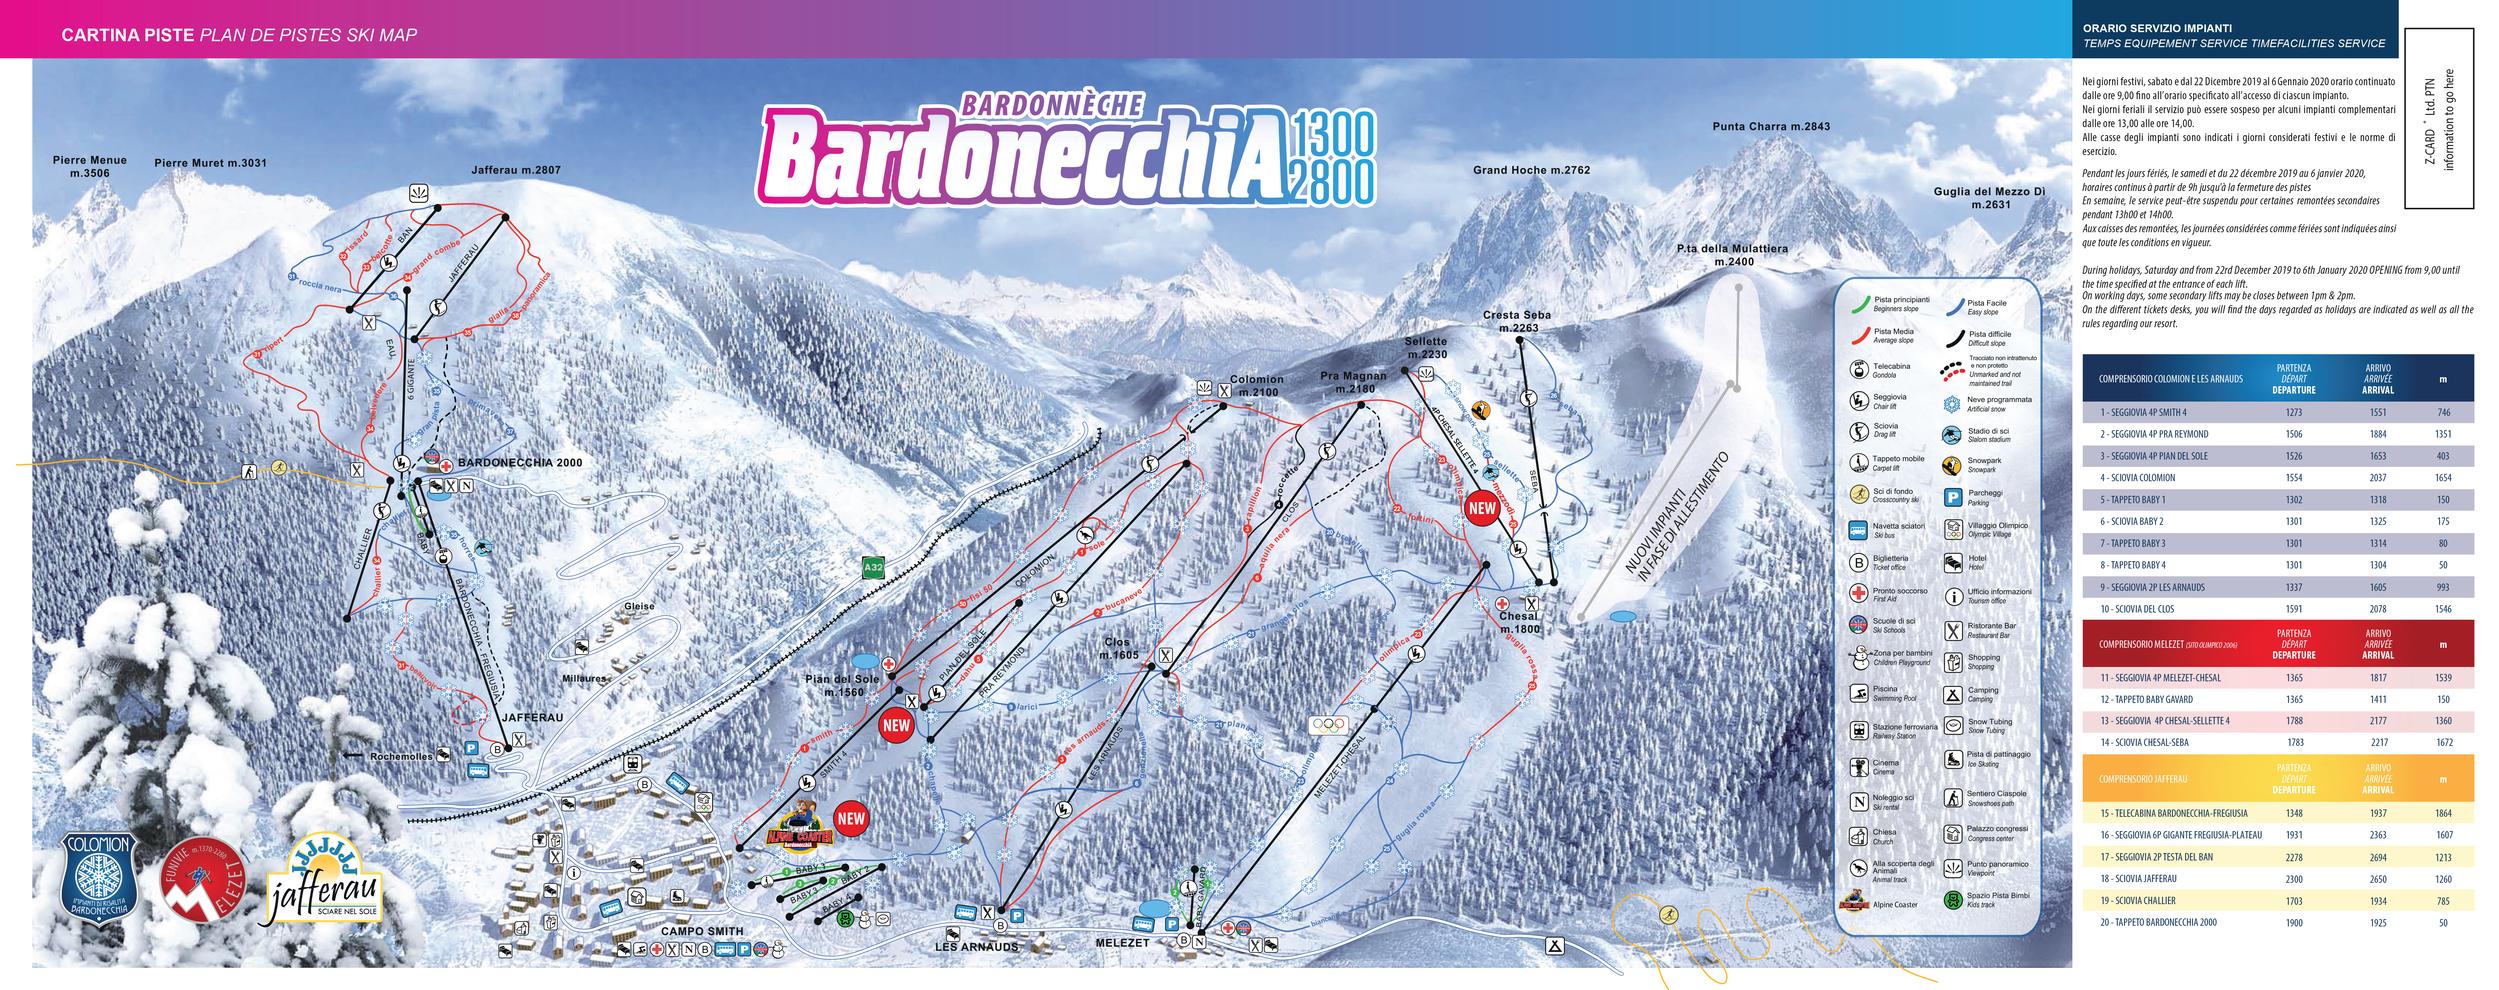 Cartina Bardonecchia - Mappa piste di sci Bardonecchia